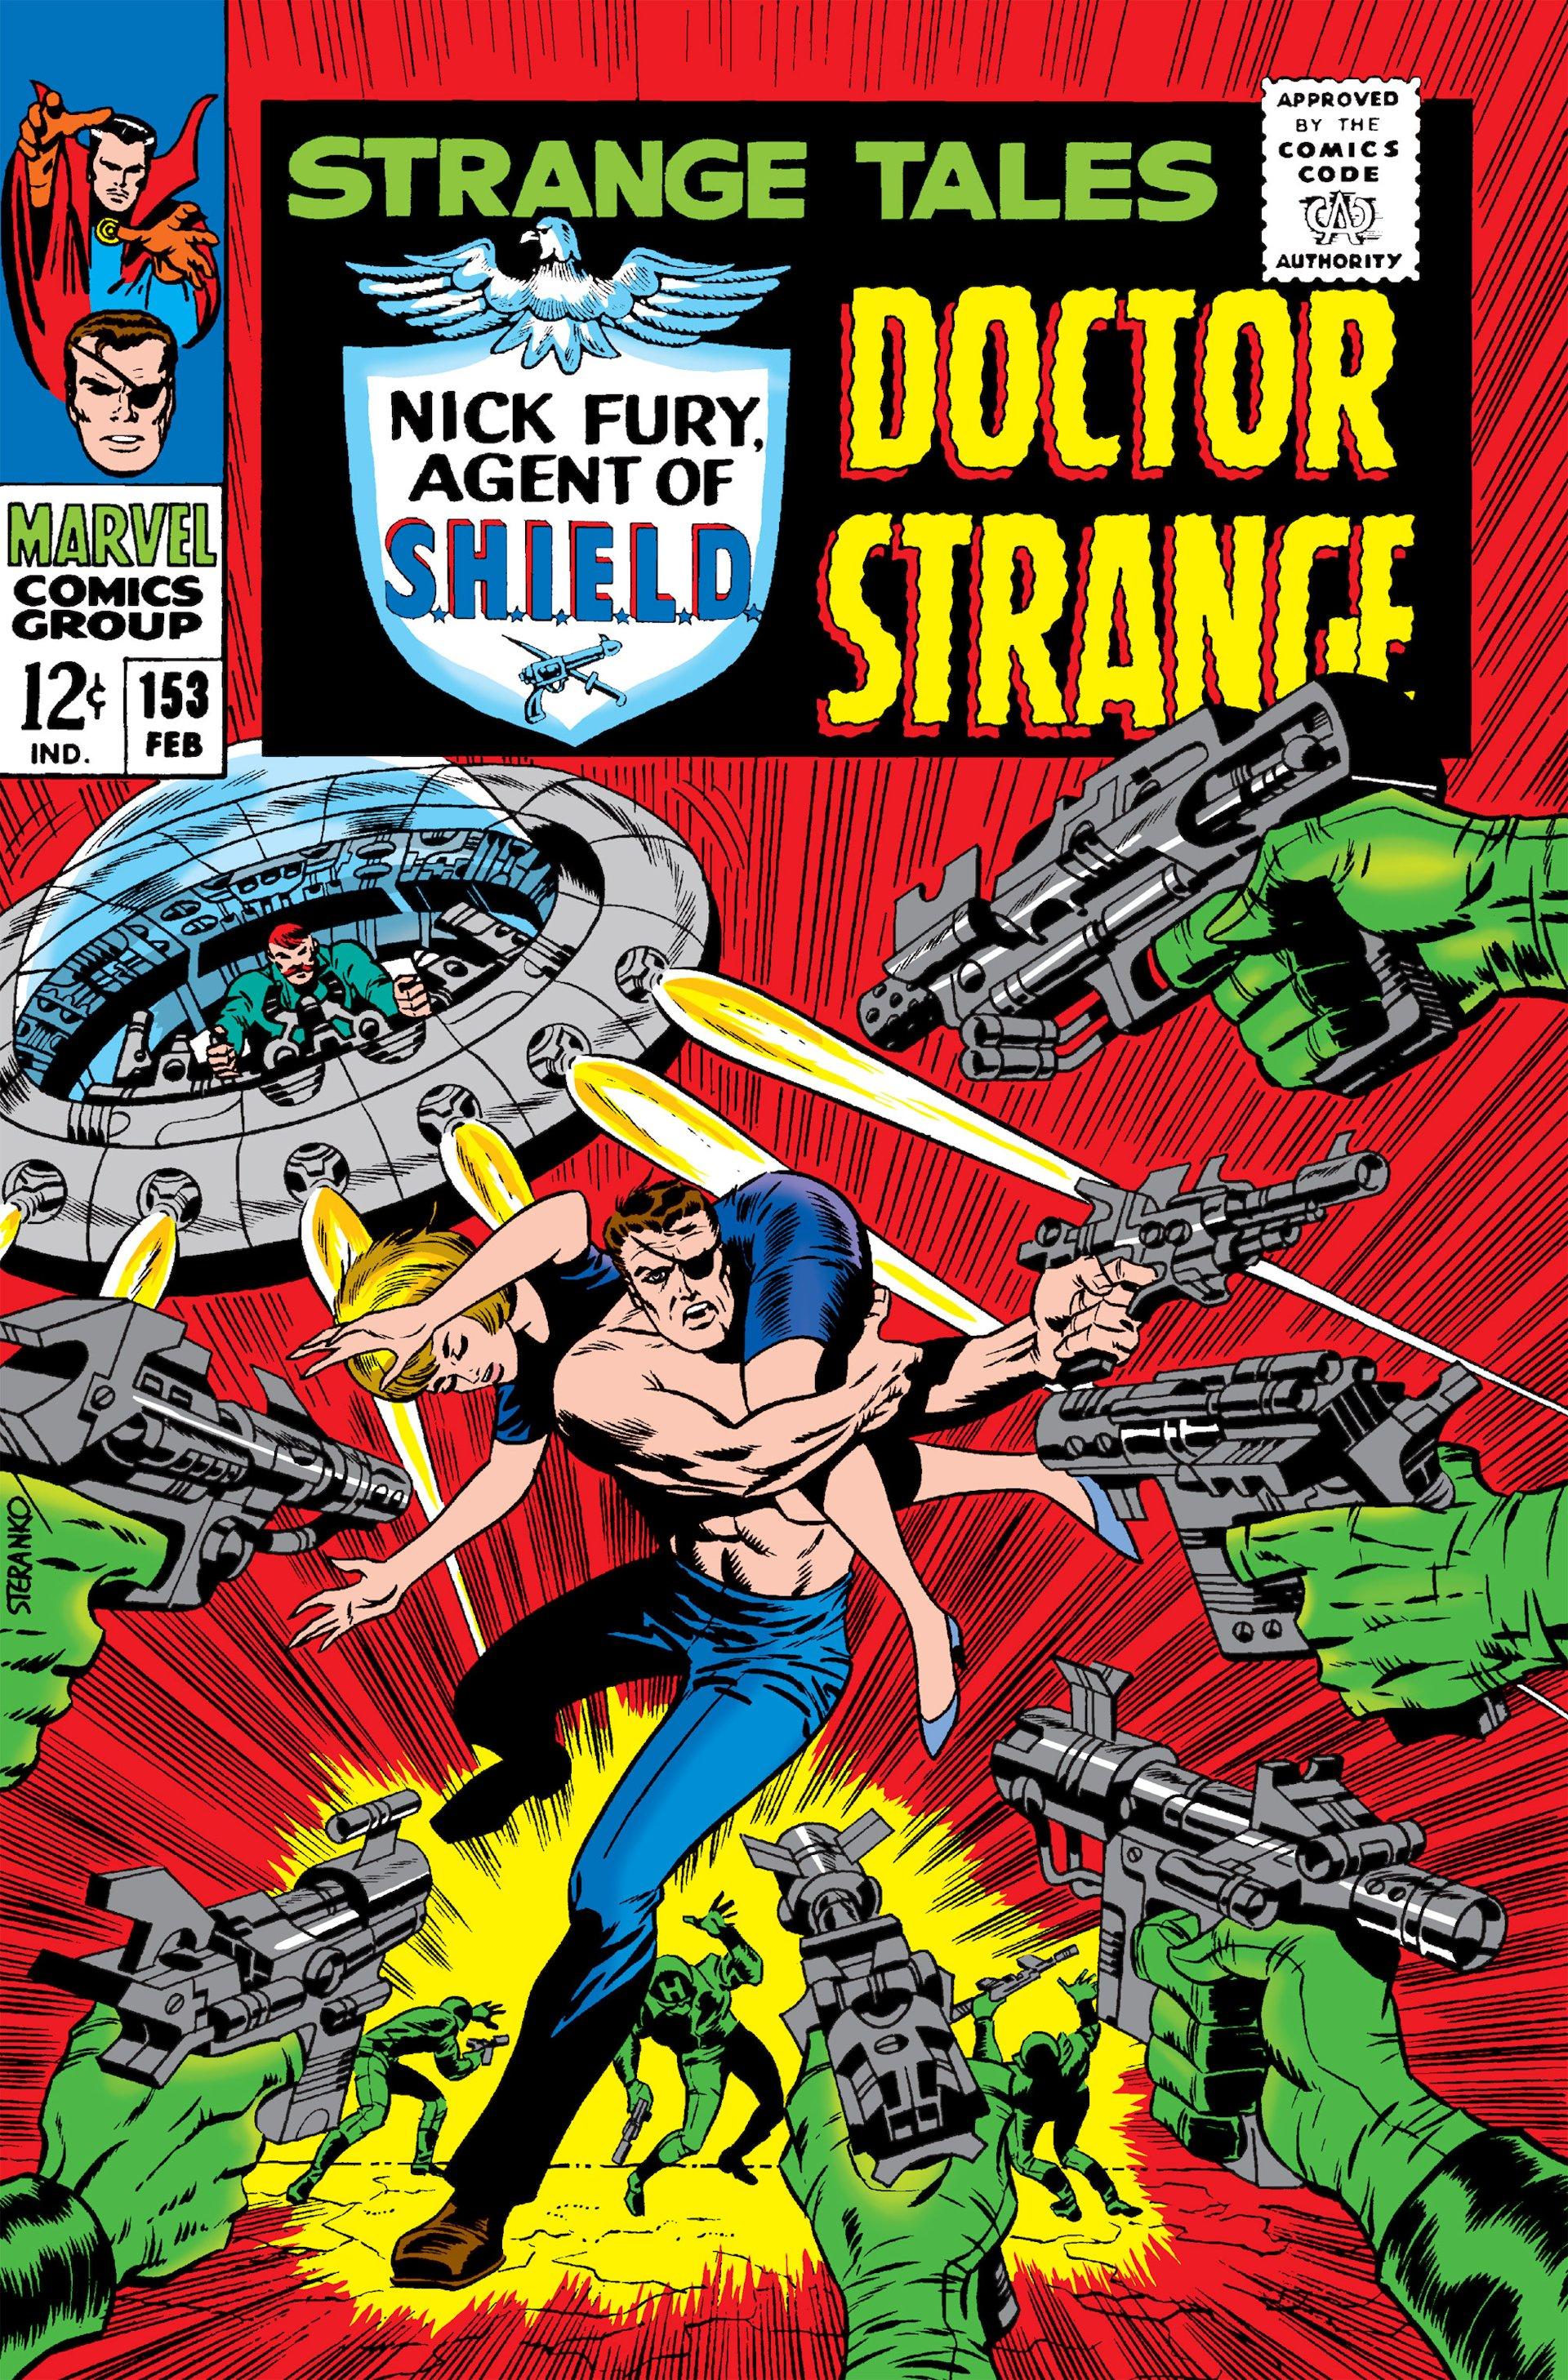 Strange Tales (1951) 153 Page 1